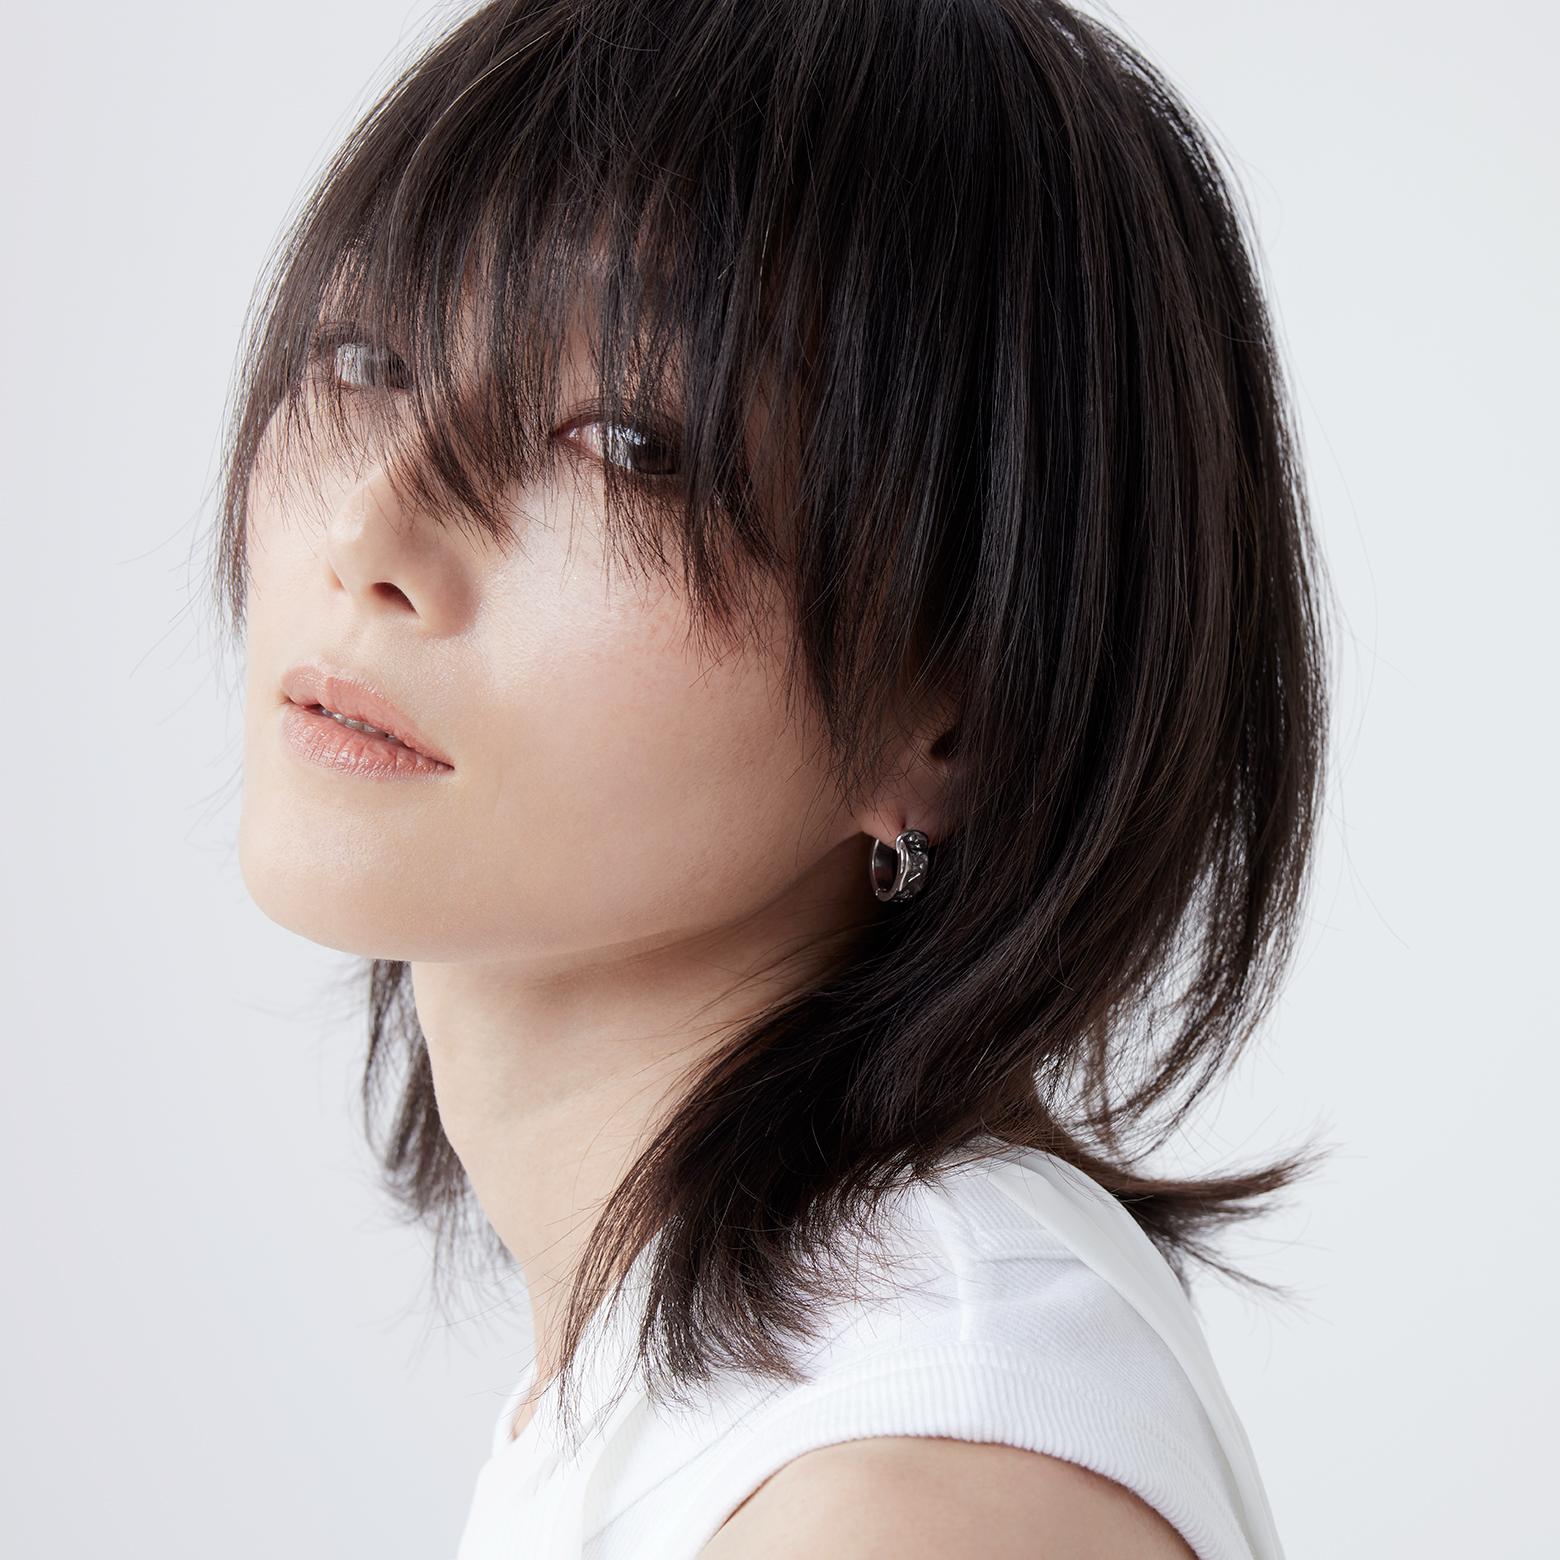 三上ちさこ|CHISAKO MIKAMI